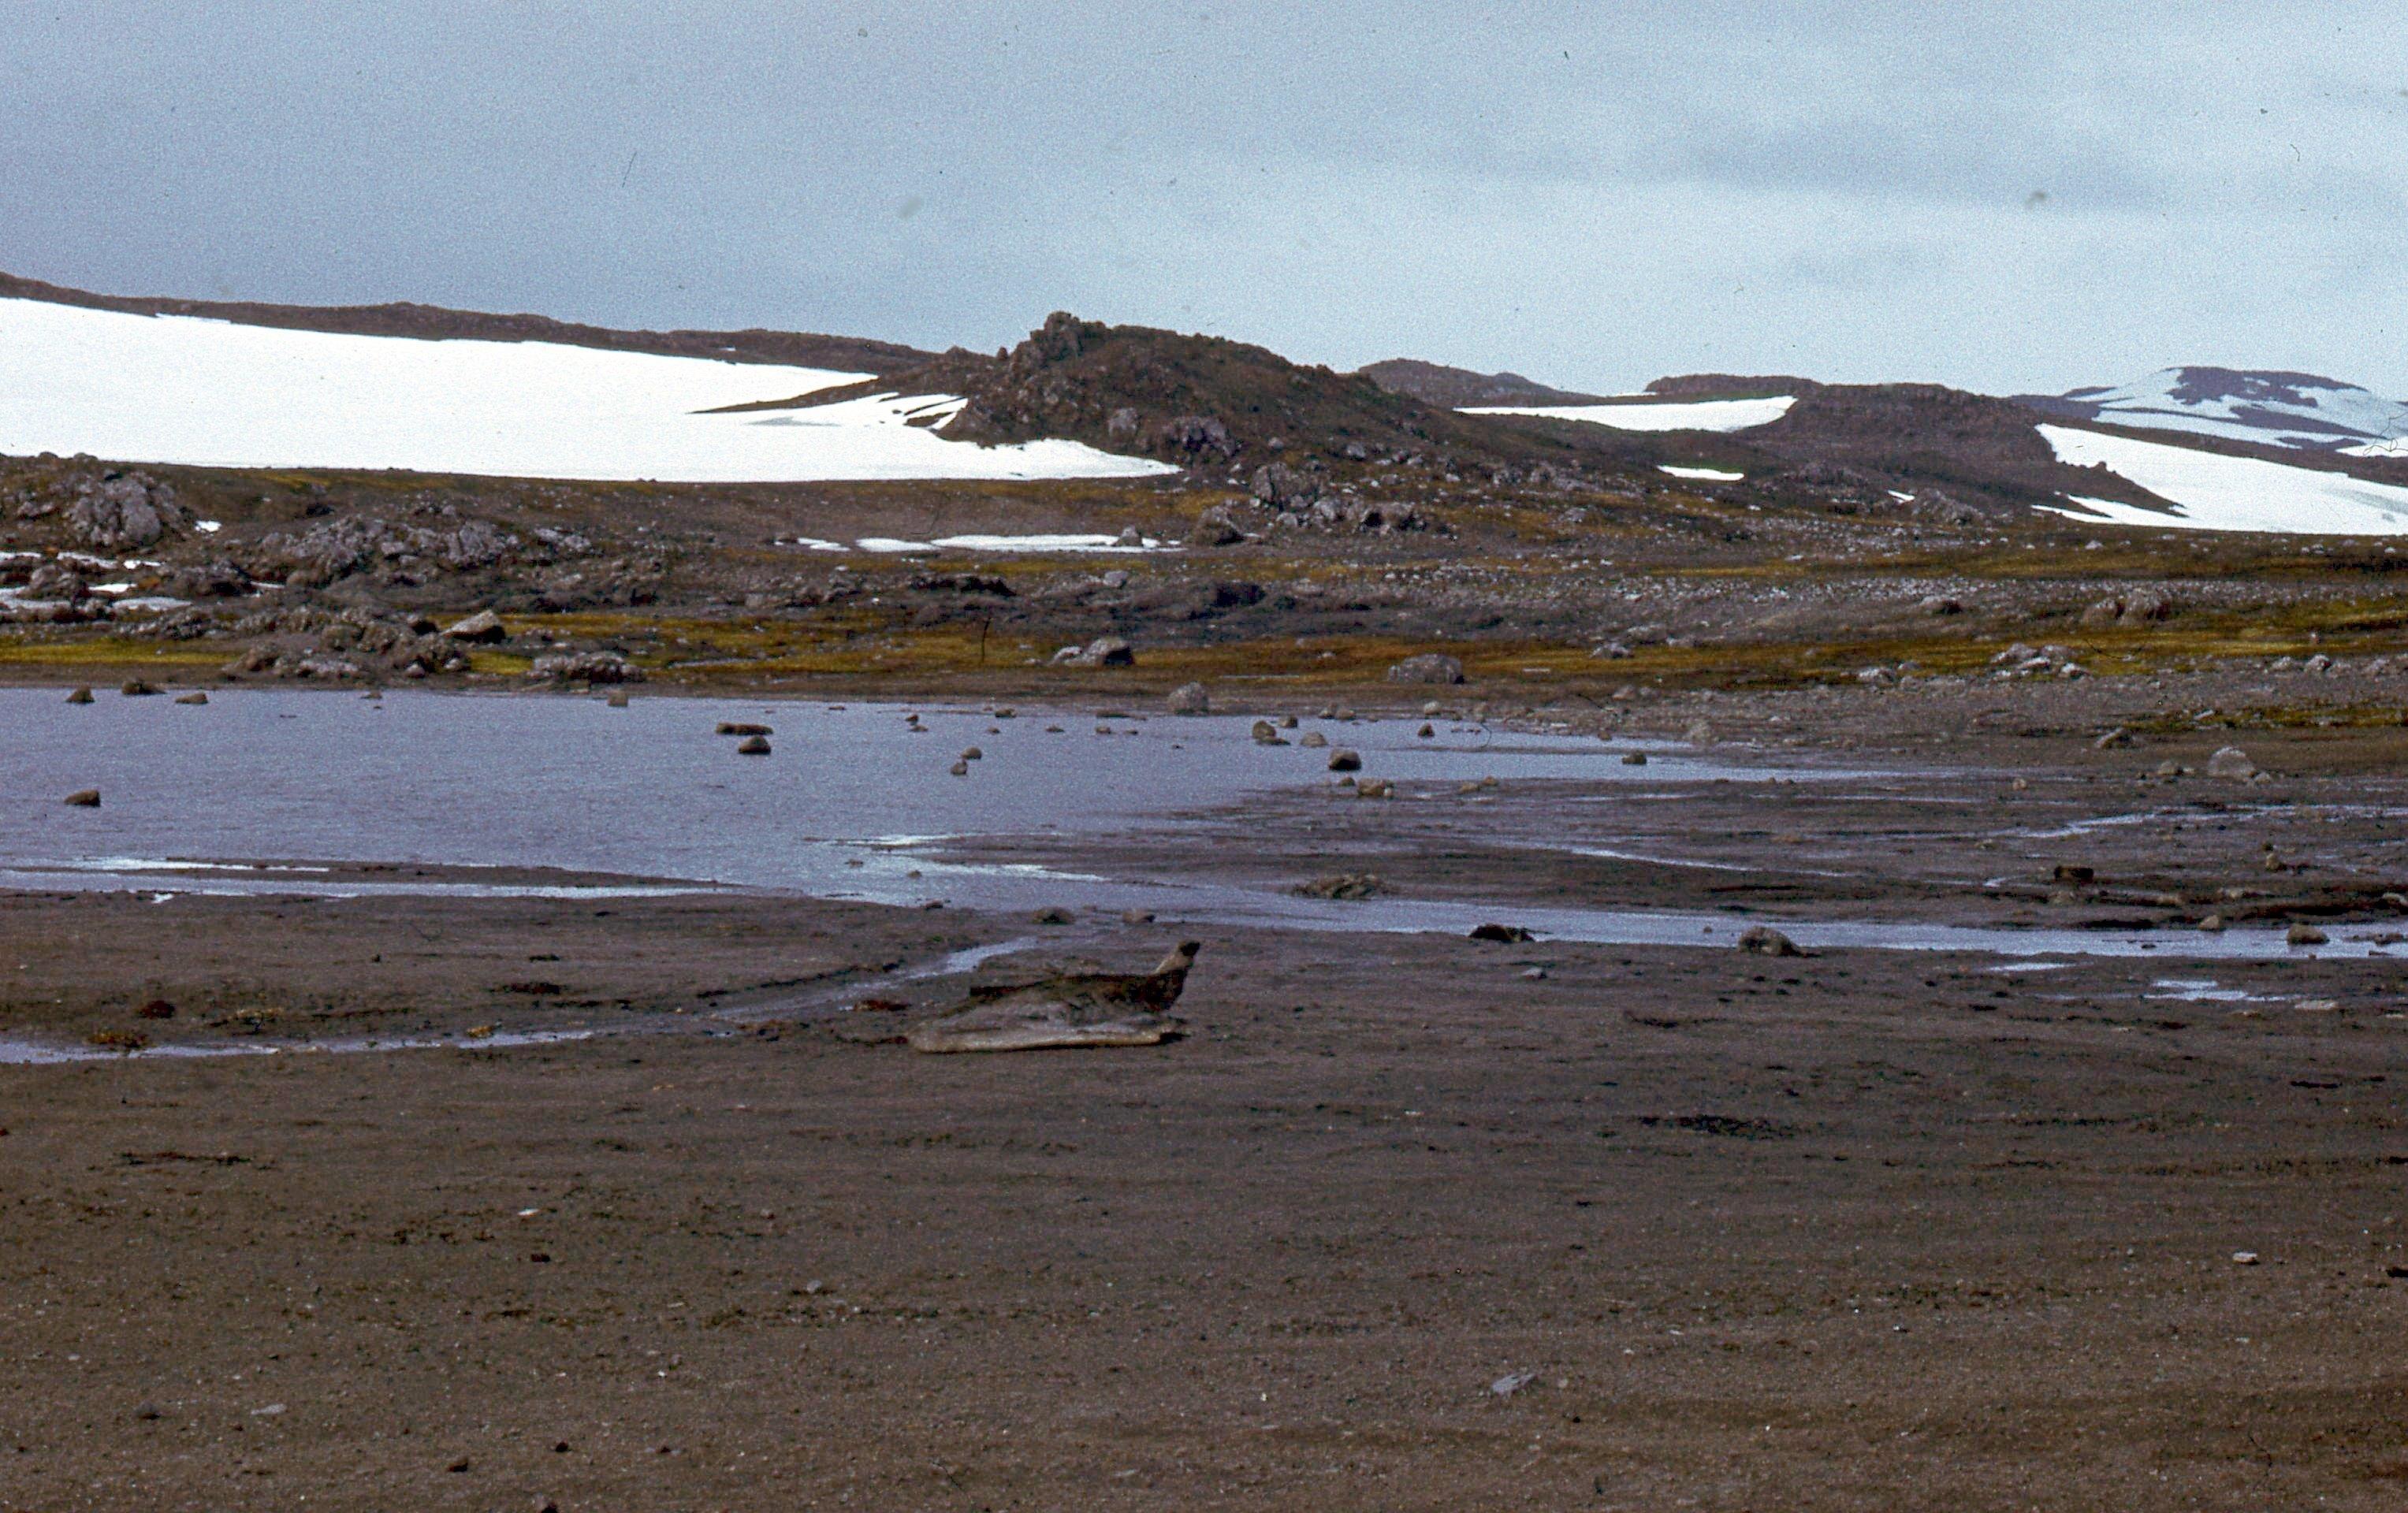 829622 Антарктическая станция _Молодёжная_.jpg